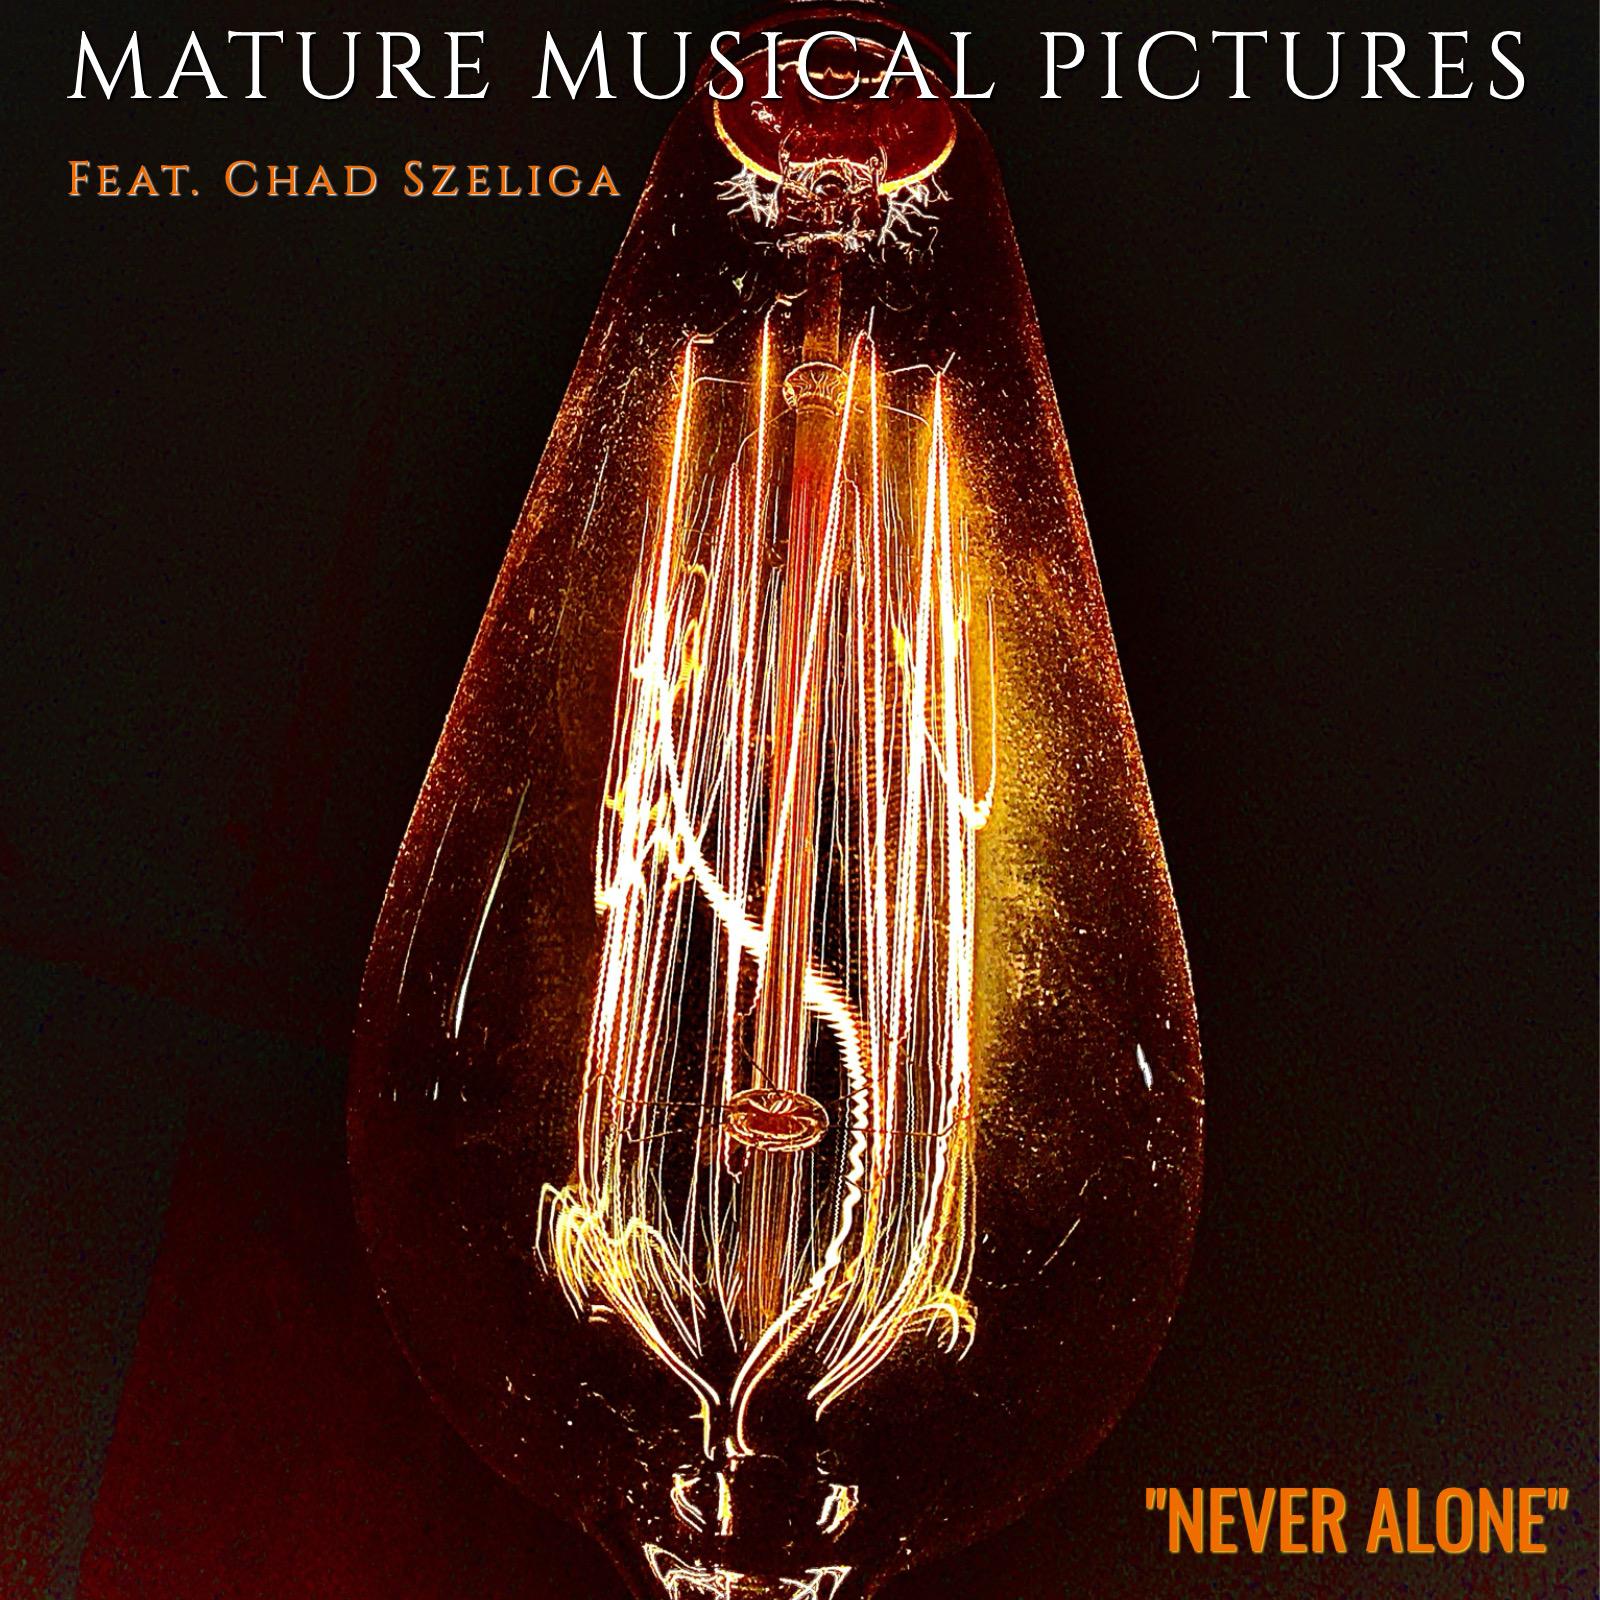 Never Alone (feat. Chad Szeliga) Image